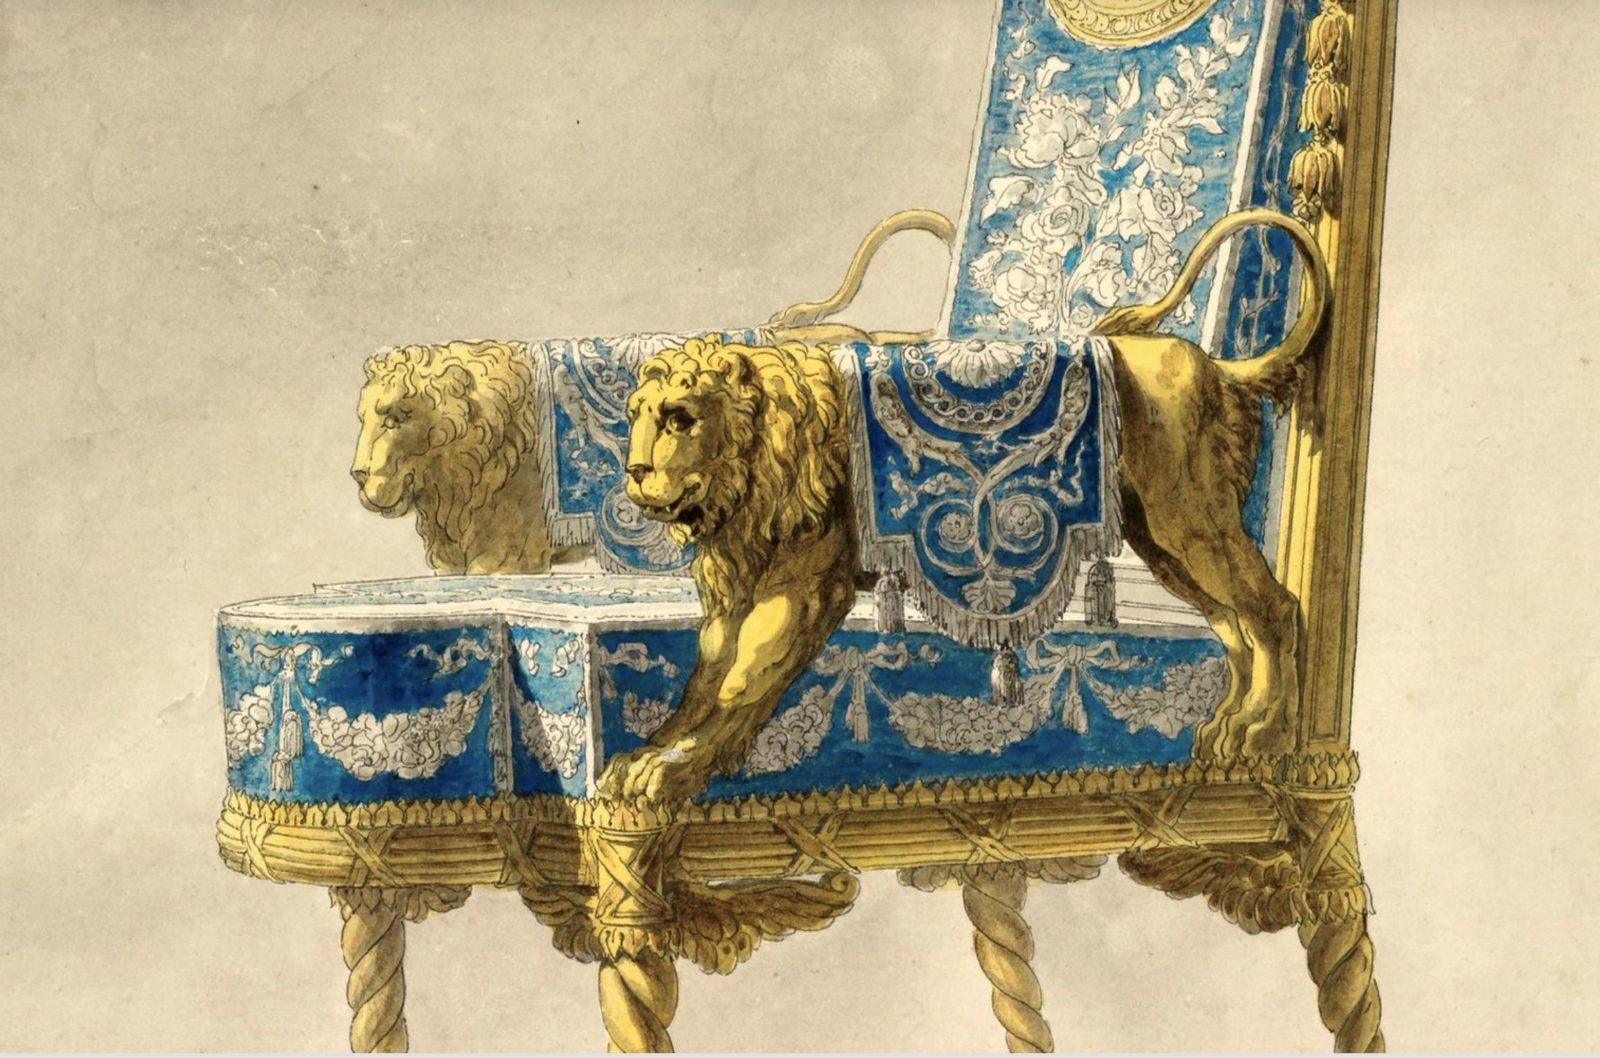 Projet de fauteuil, France, seconde moitié du XVIIIe siècle. ©  Sylvain Pretto